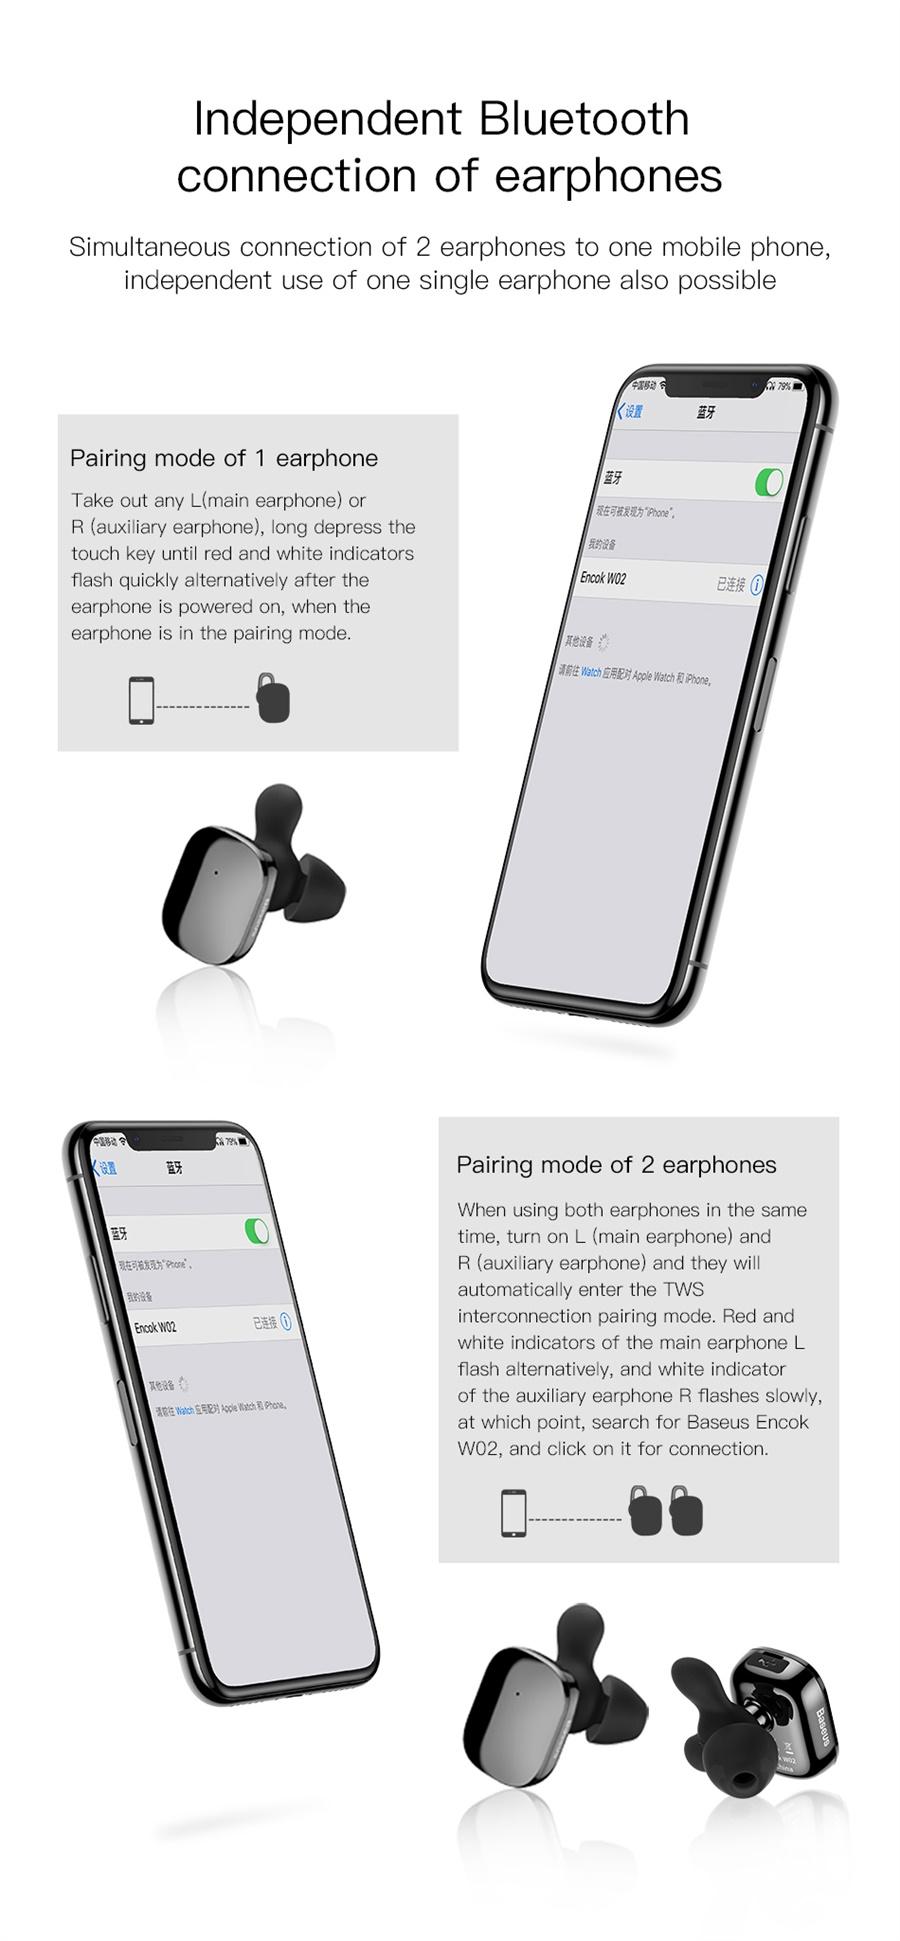 encok w02 earphone